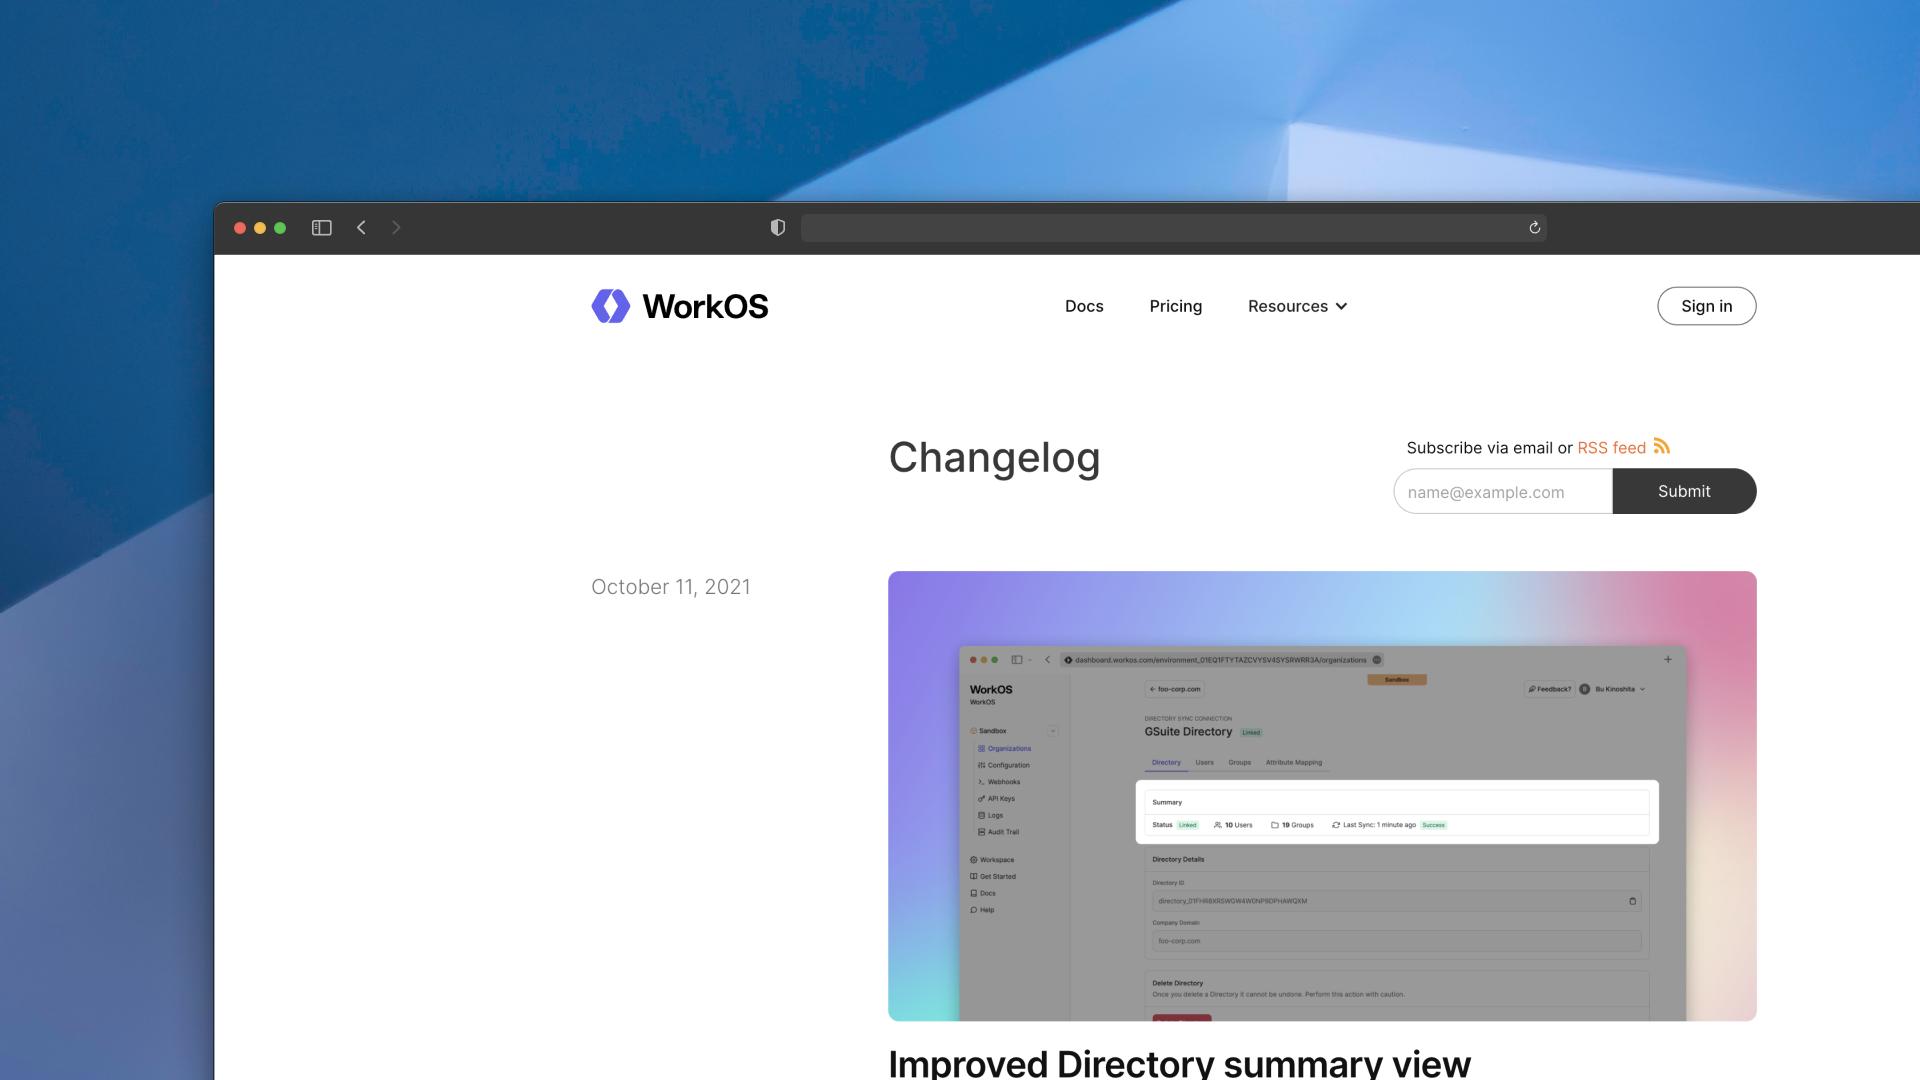 WorkOS changelog screenshot